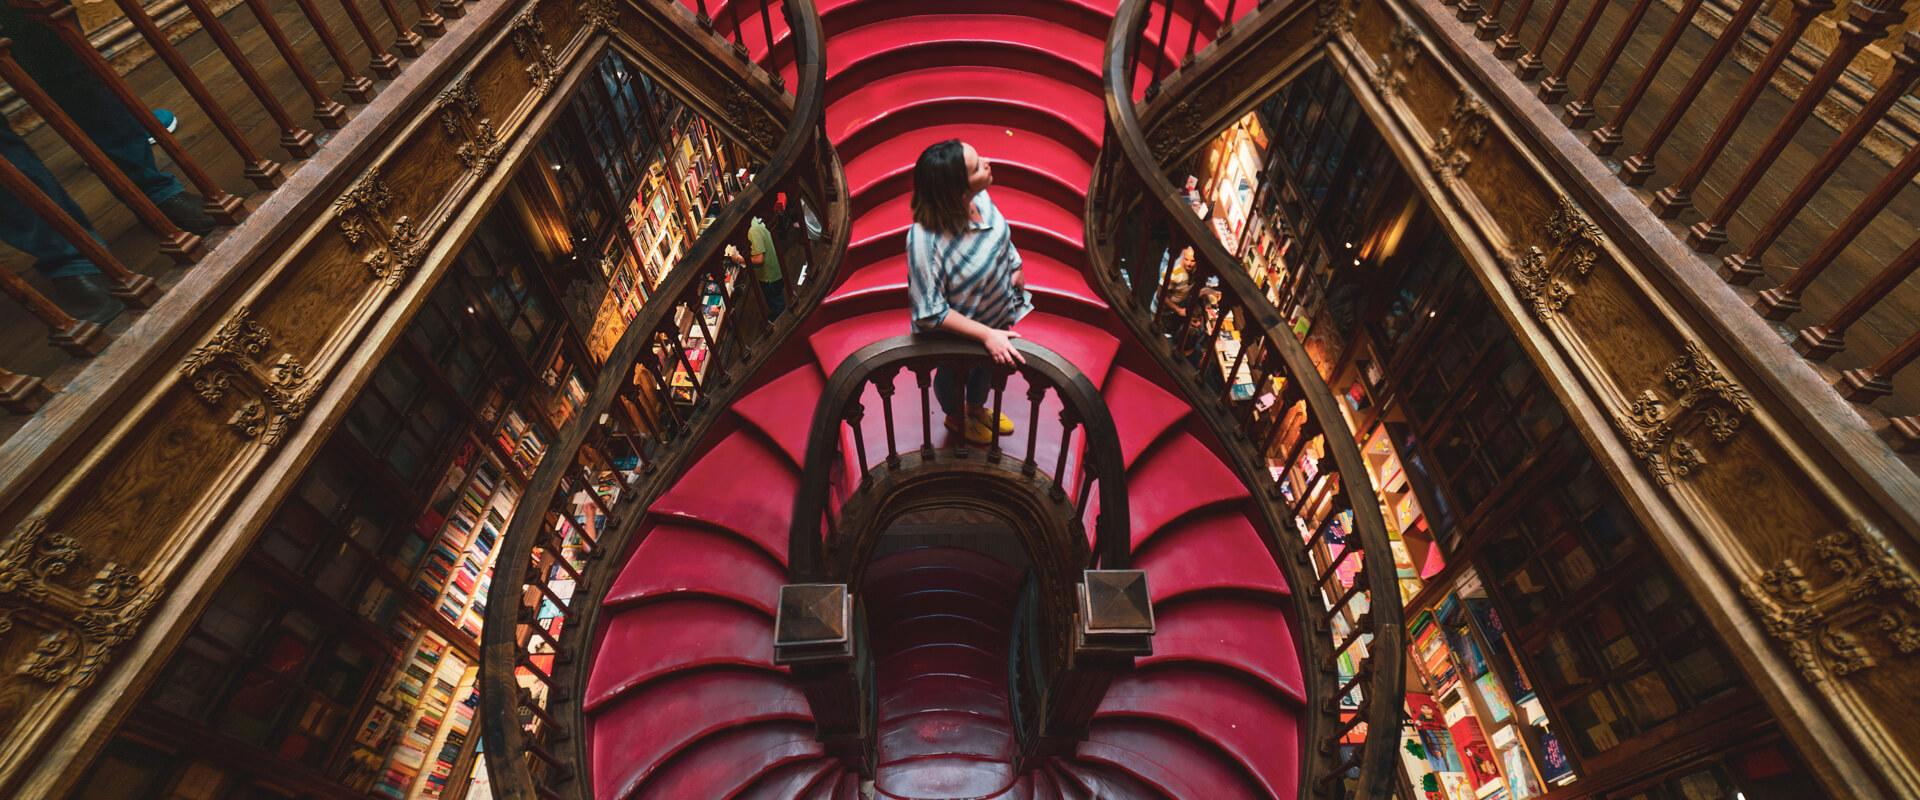 Las 10 escaleras más raras y famosas del mundo